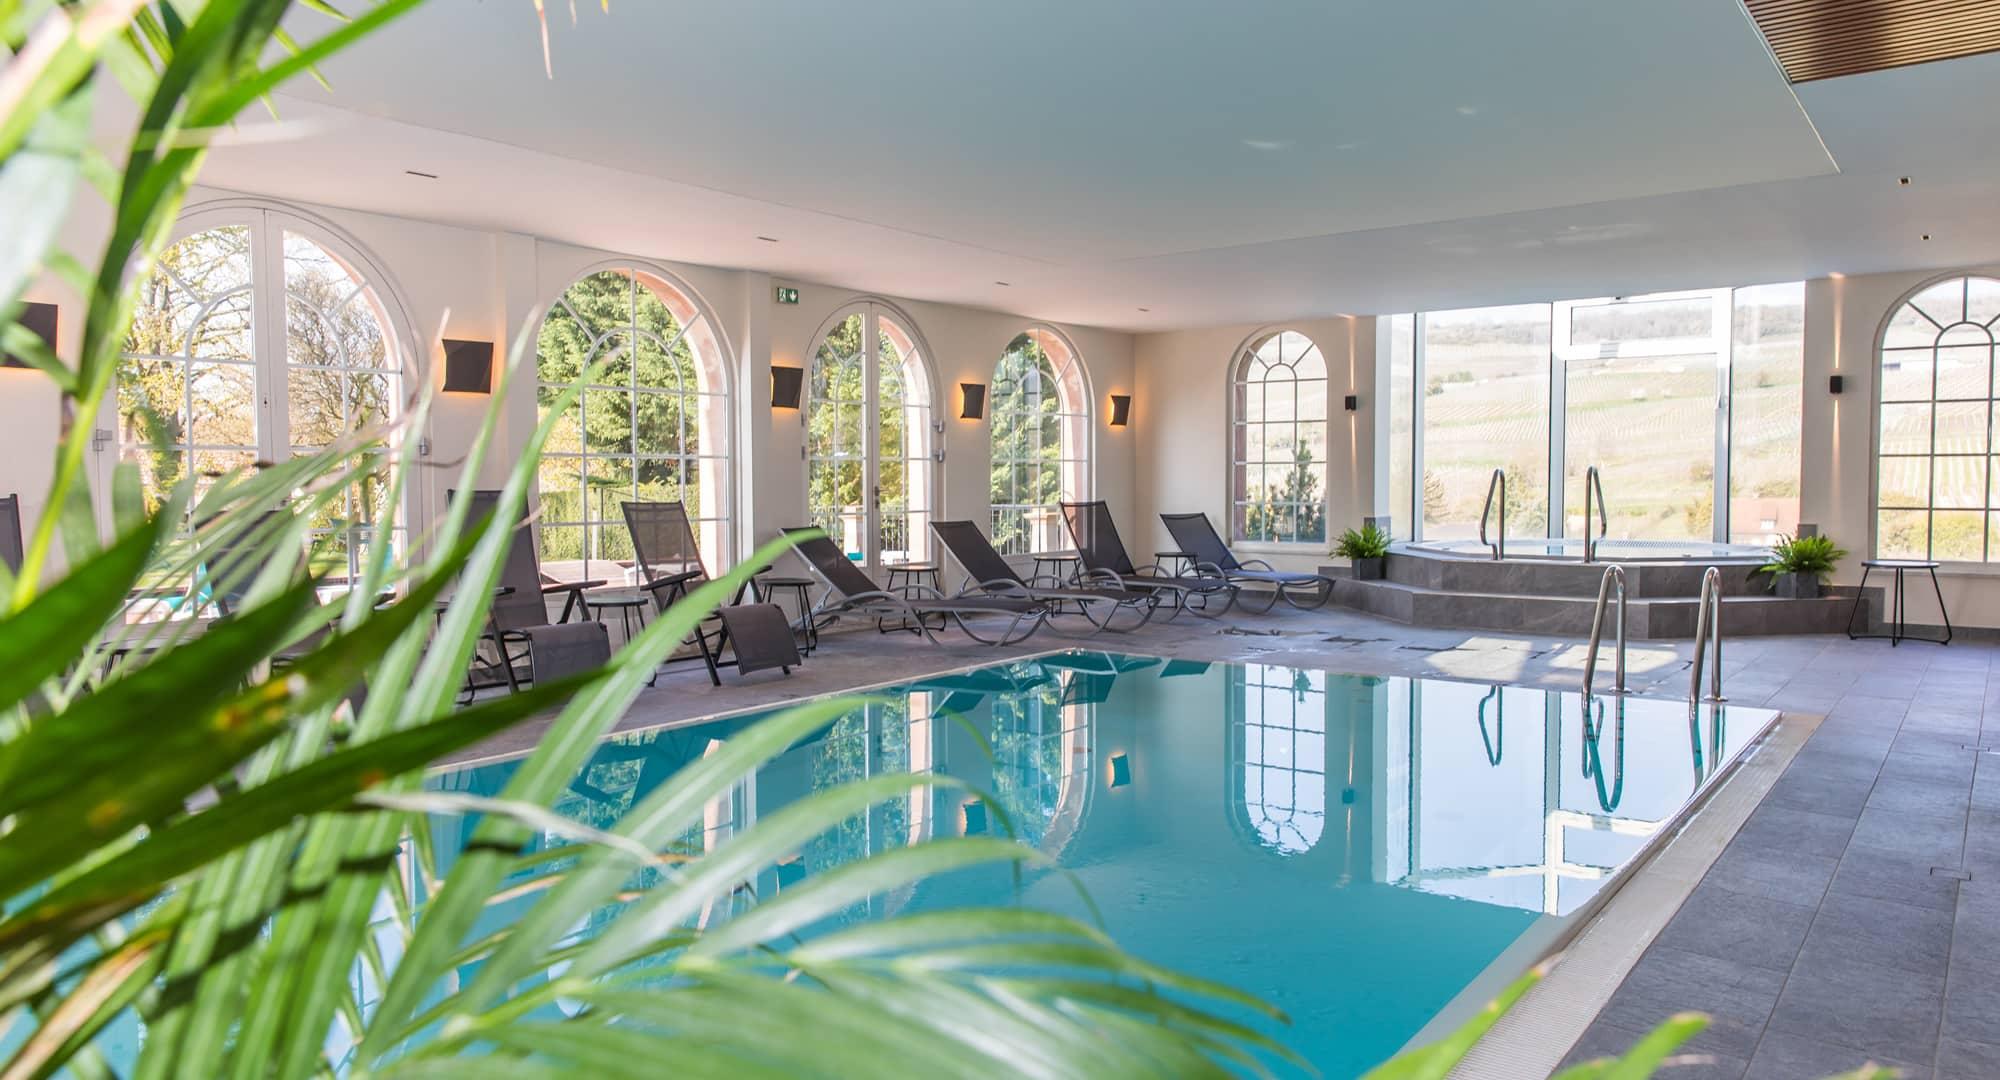 Spa De L'hôtel Chateau D'isenbourg À Rouffach, Alsace -Officiel pour Piscine Rouffach